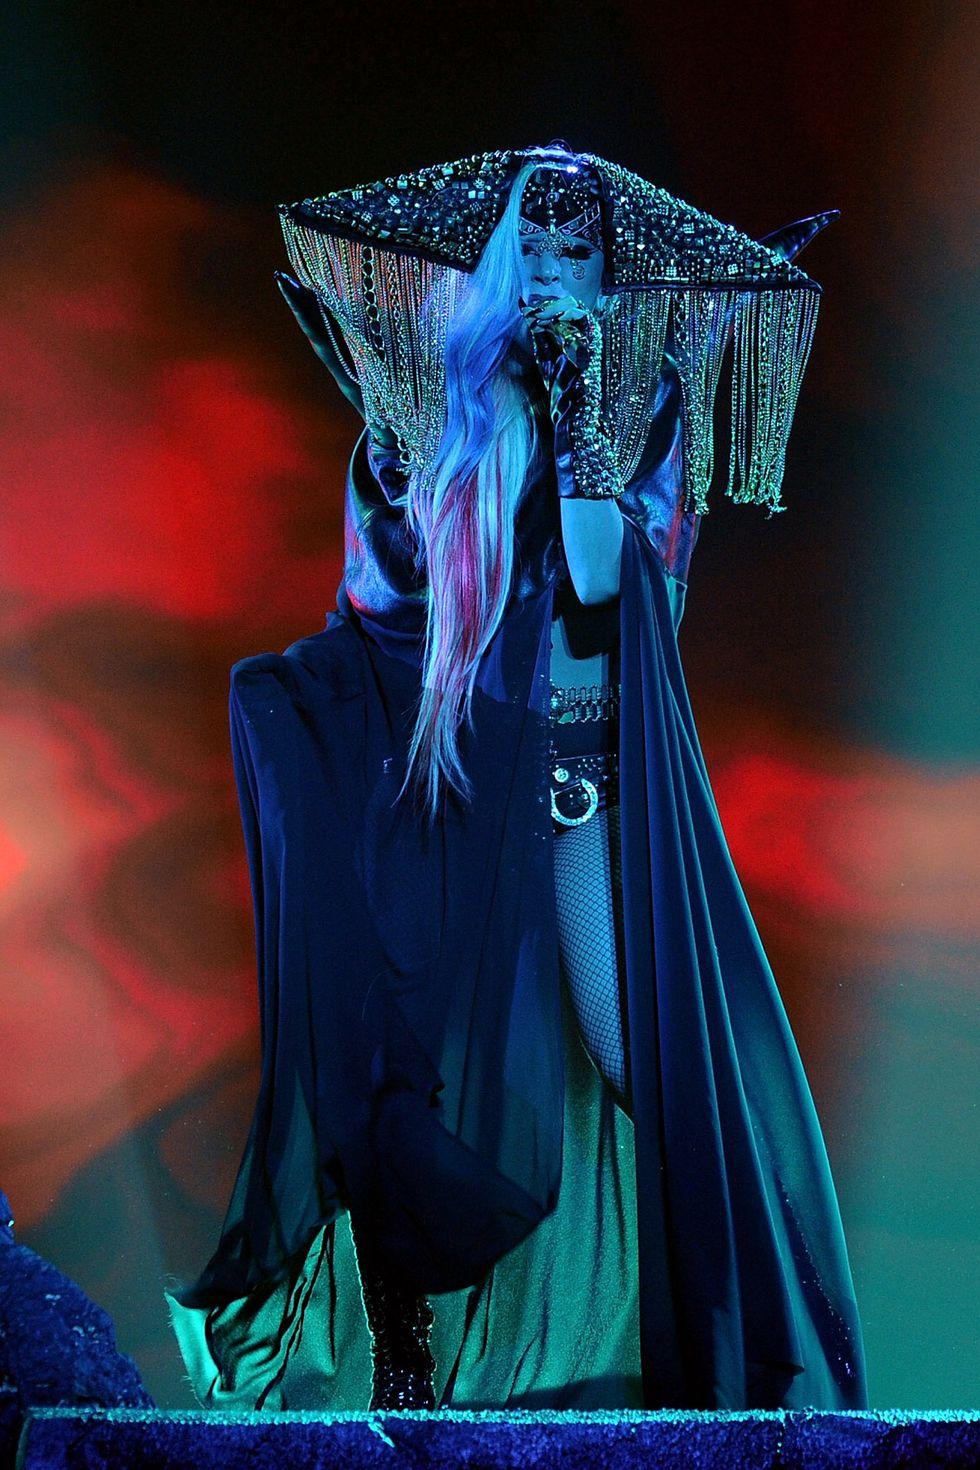 """Khoảnh khắc thời trang ấn tượng nhất trong kỷ nguyên """"Born this way"""" của Lady Gaga - hình ảnh 5"""